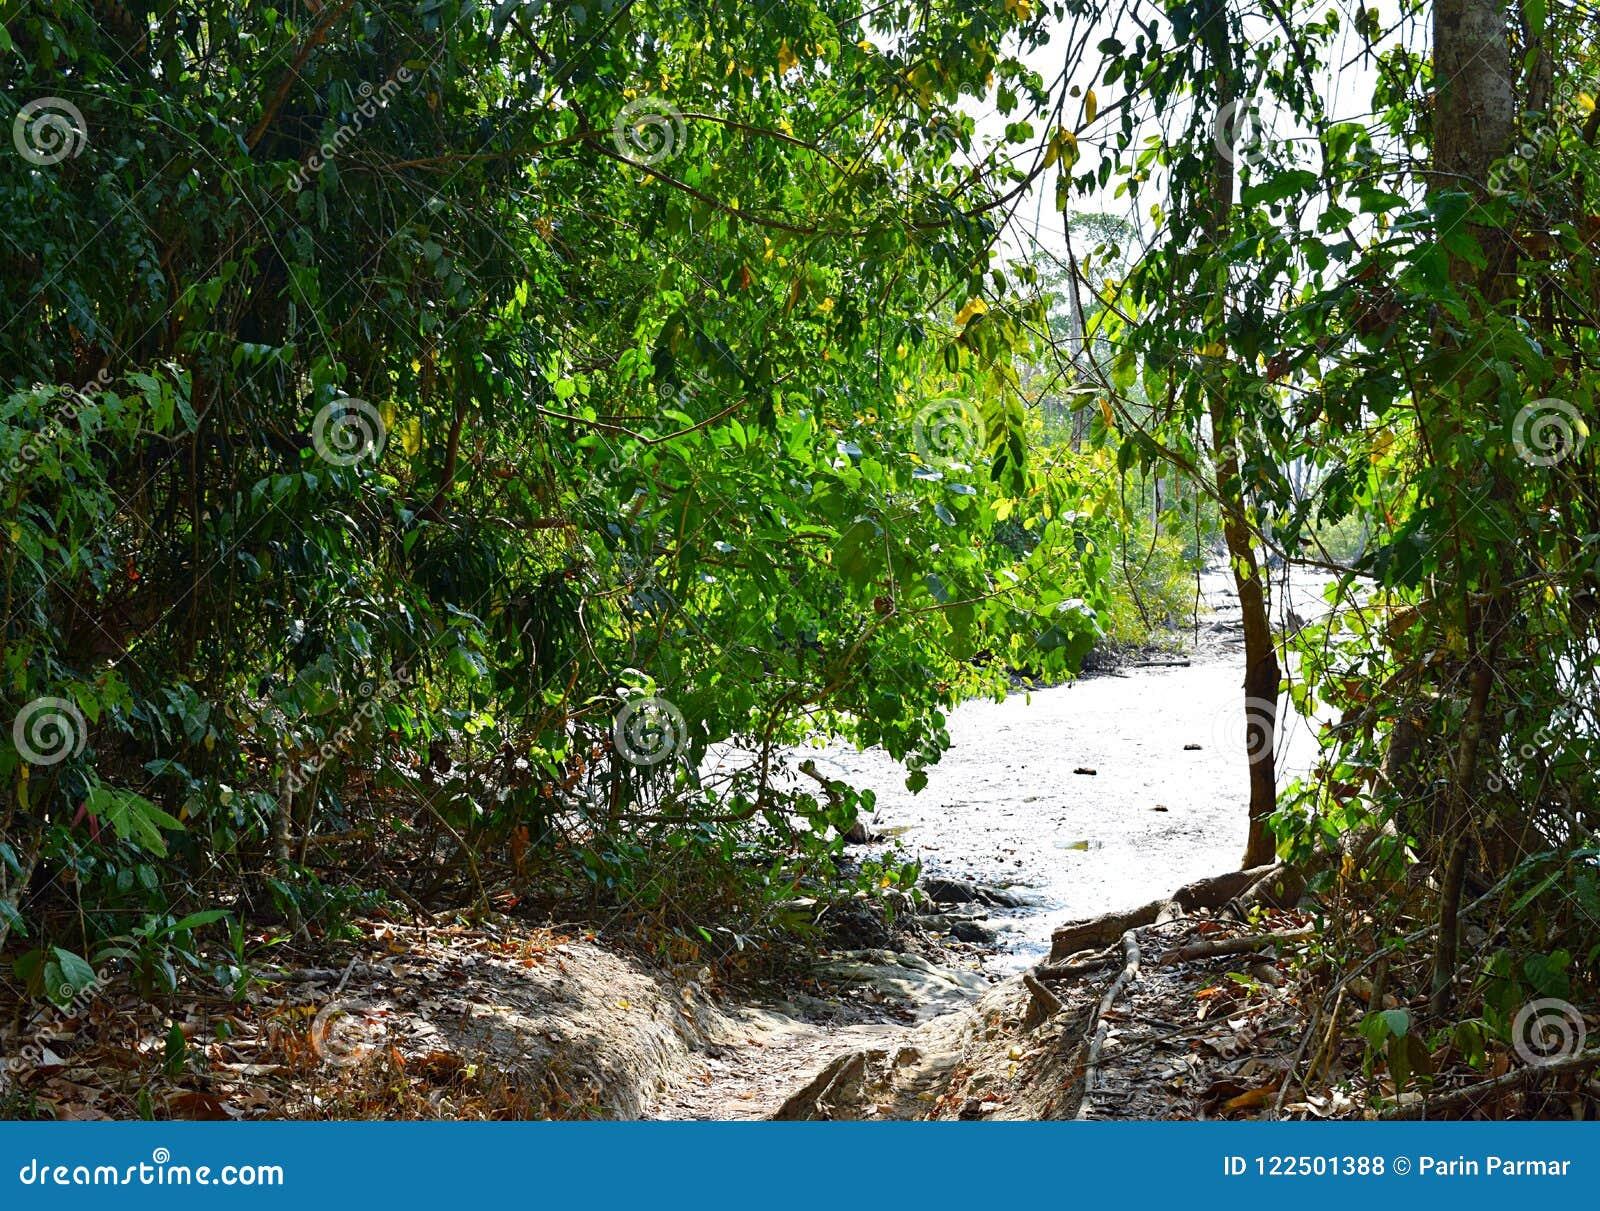 Ecoturismo - passeio na montanha através da floresta tropical tropical sempre-verde - praia do elefante, ilha de Havelock, ilhas